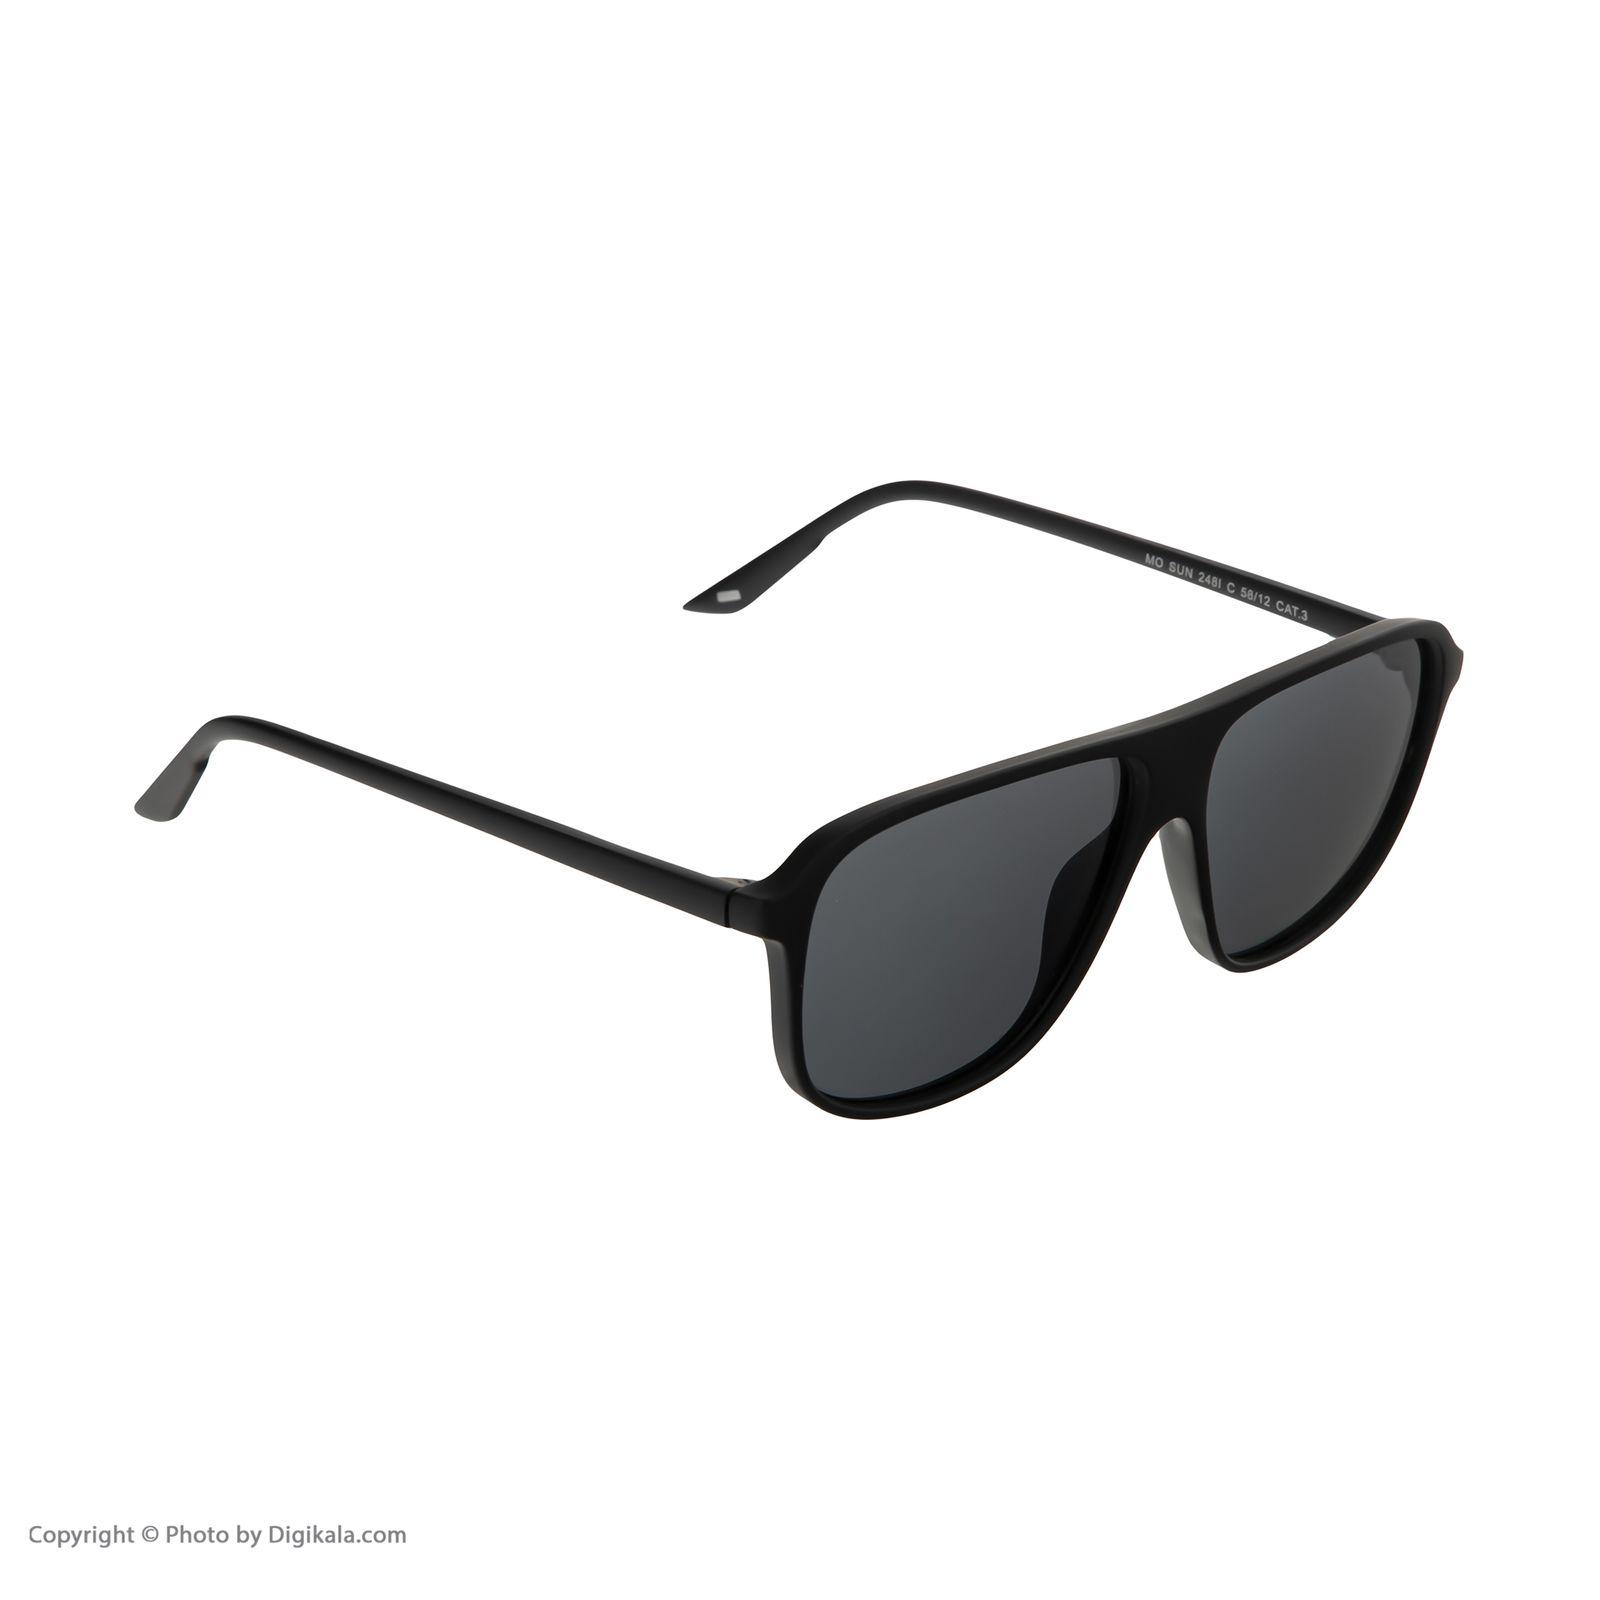 عینک آفتابی موآیور مدل 2481 c -  - 5